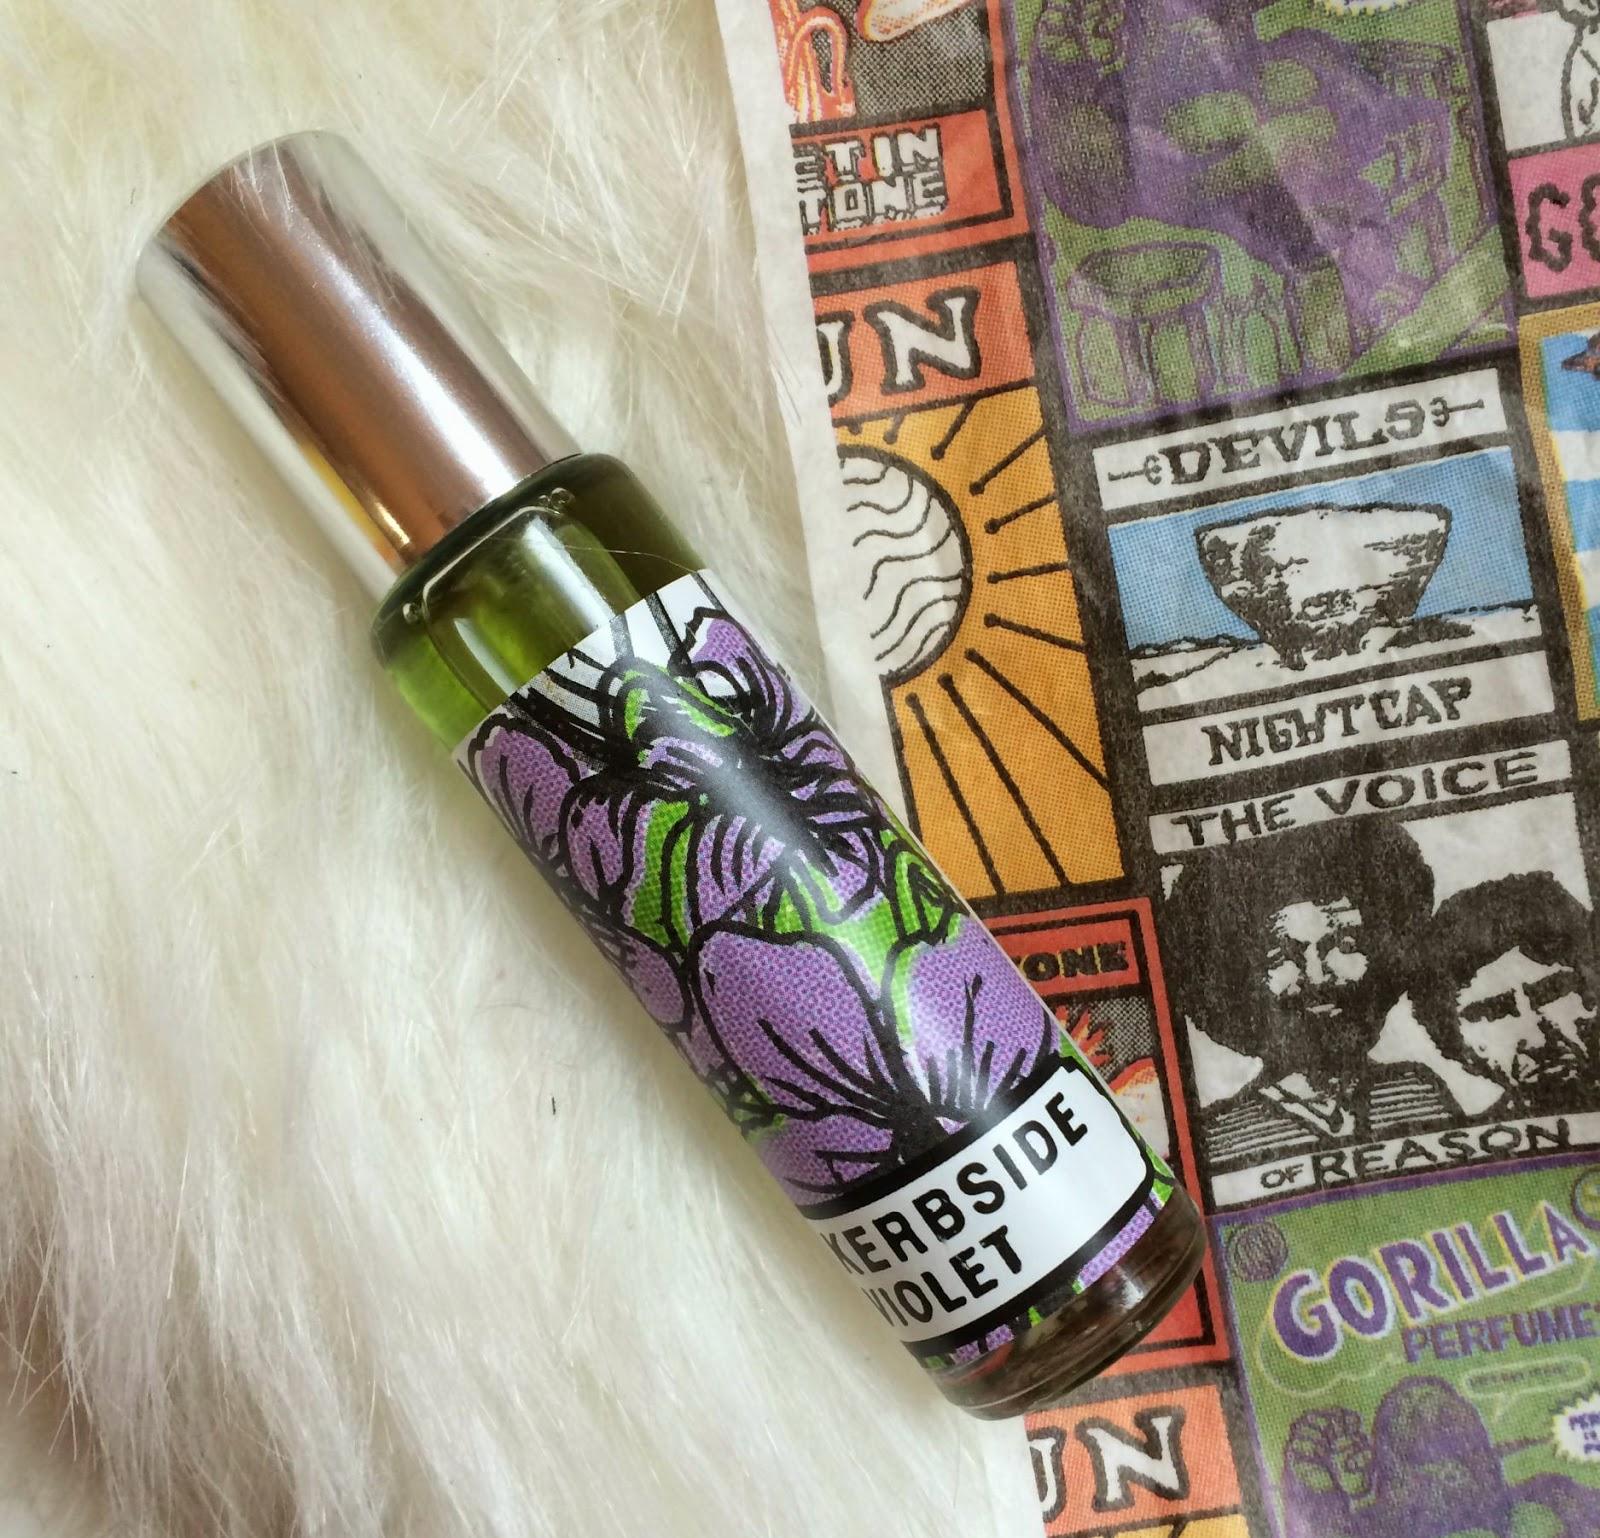 Lush Kerbside Violet Gorilla Perfume